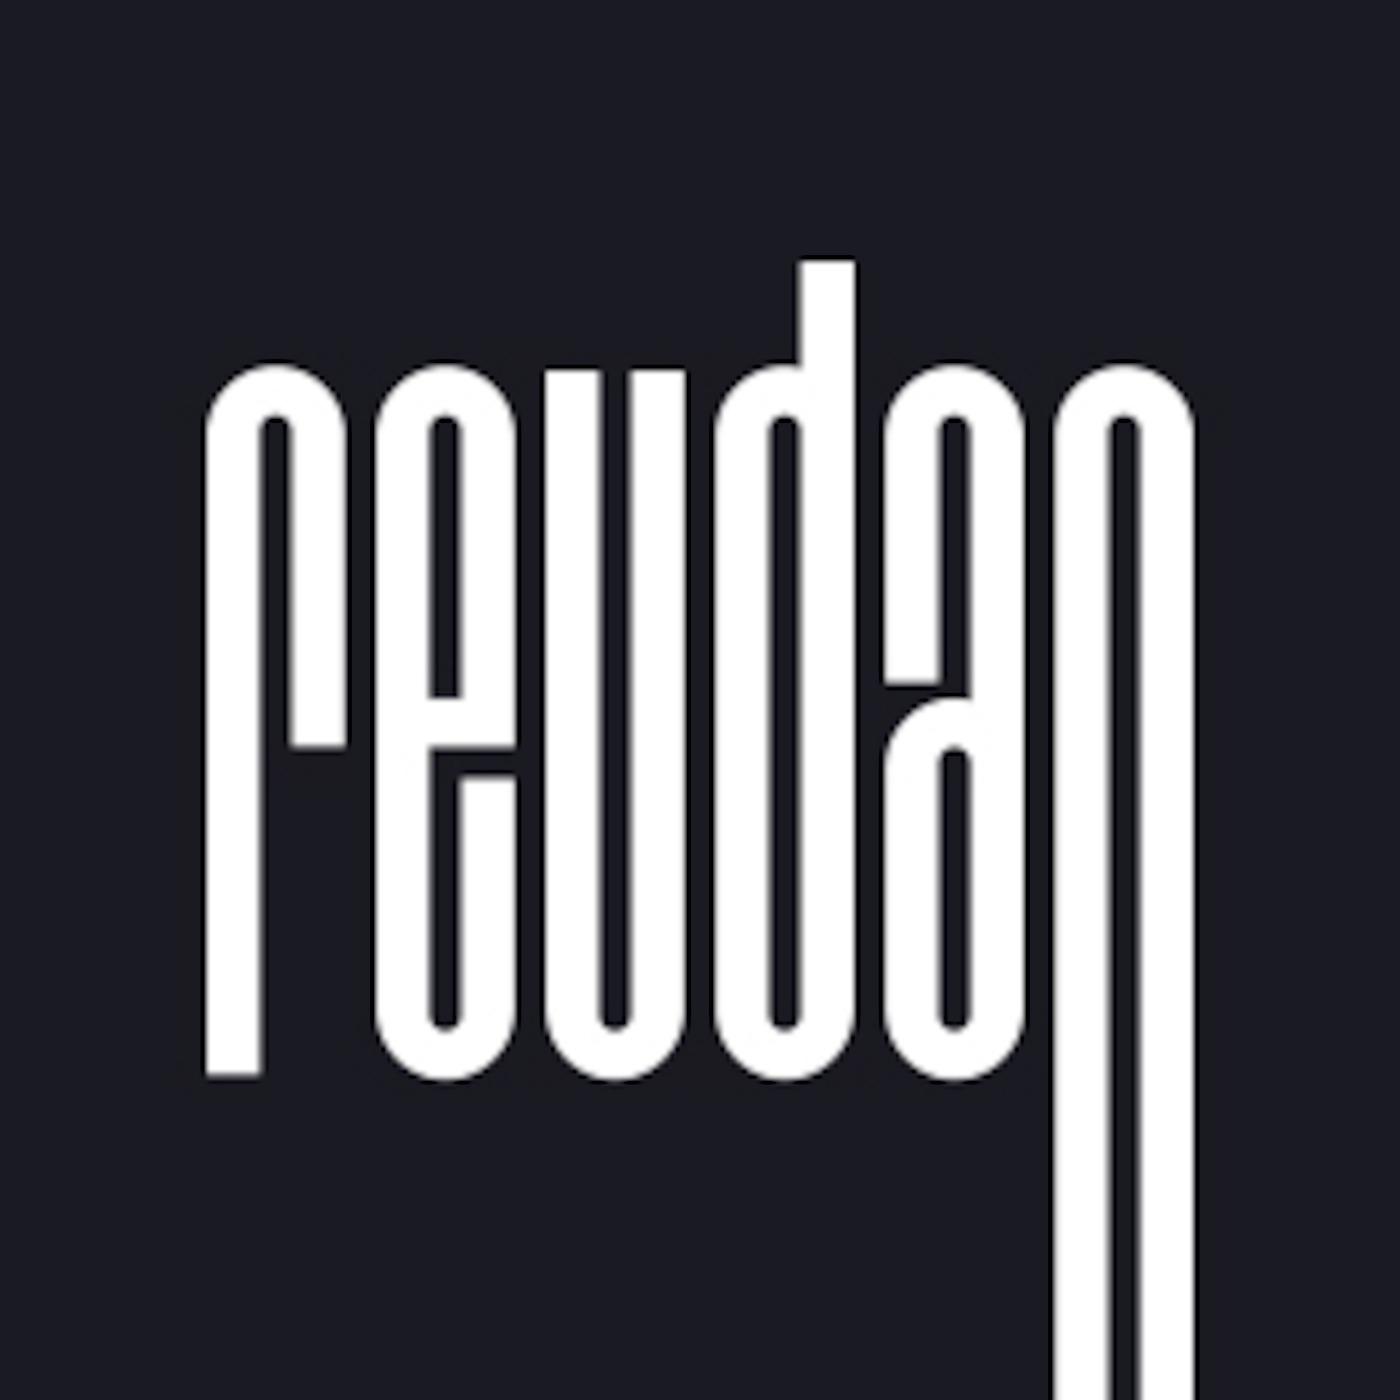 DJ Reudan